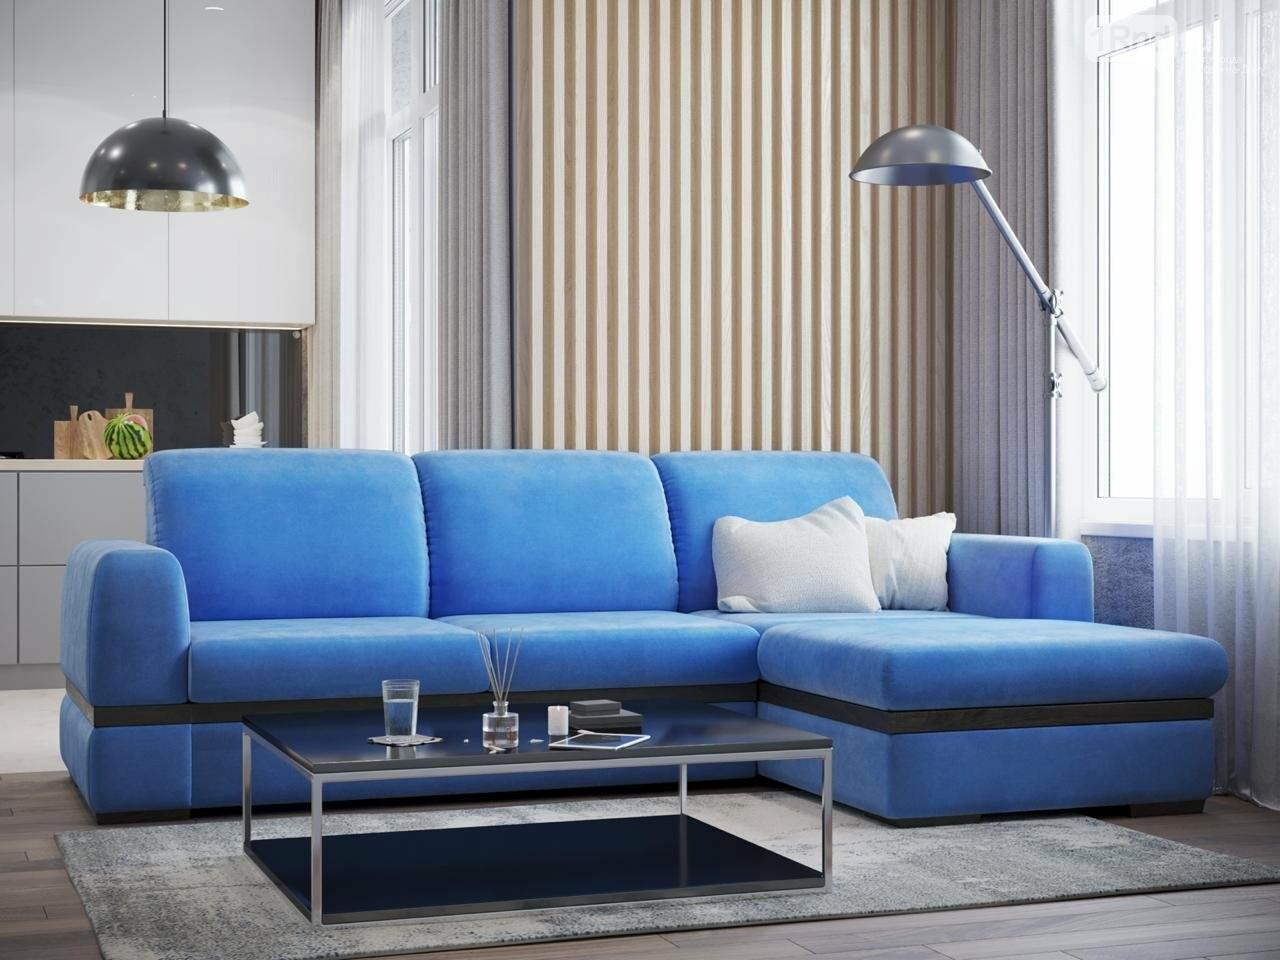 Диваны синего цвета настраивают на отдых